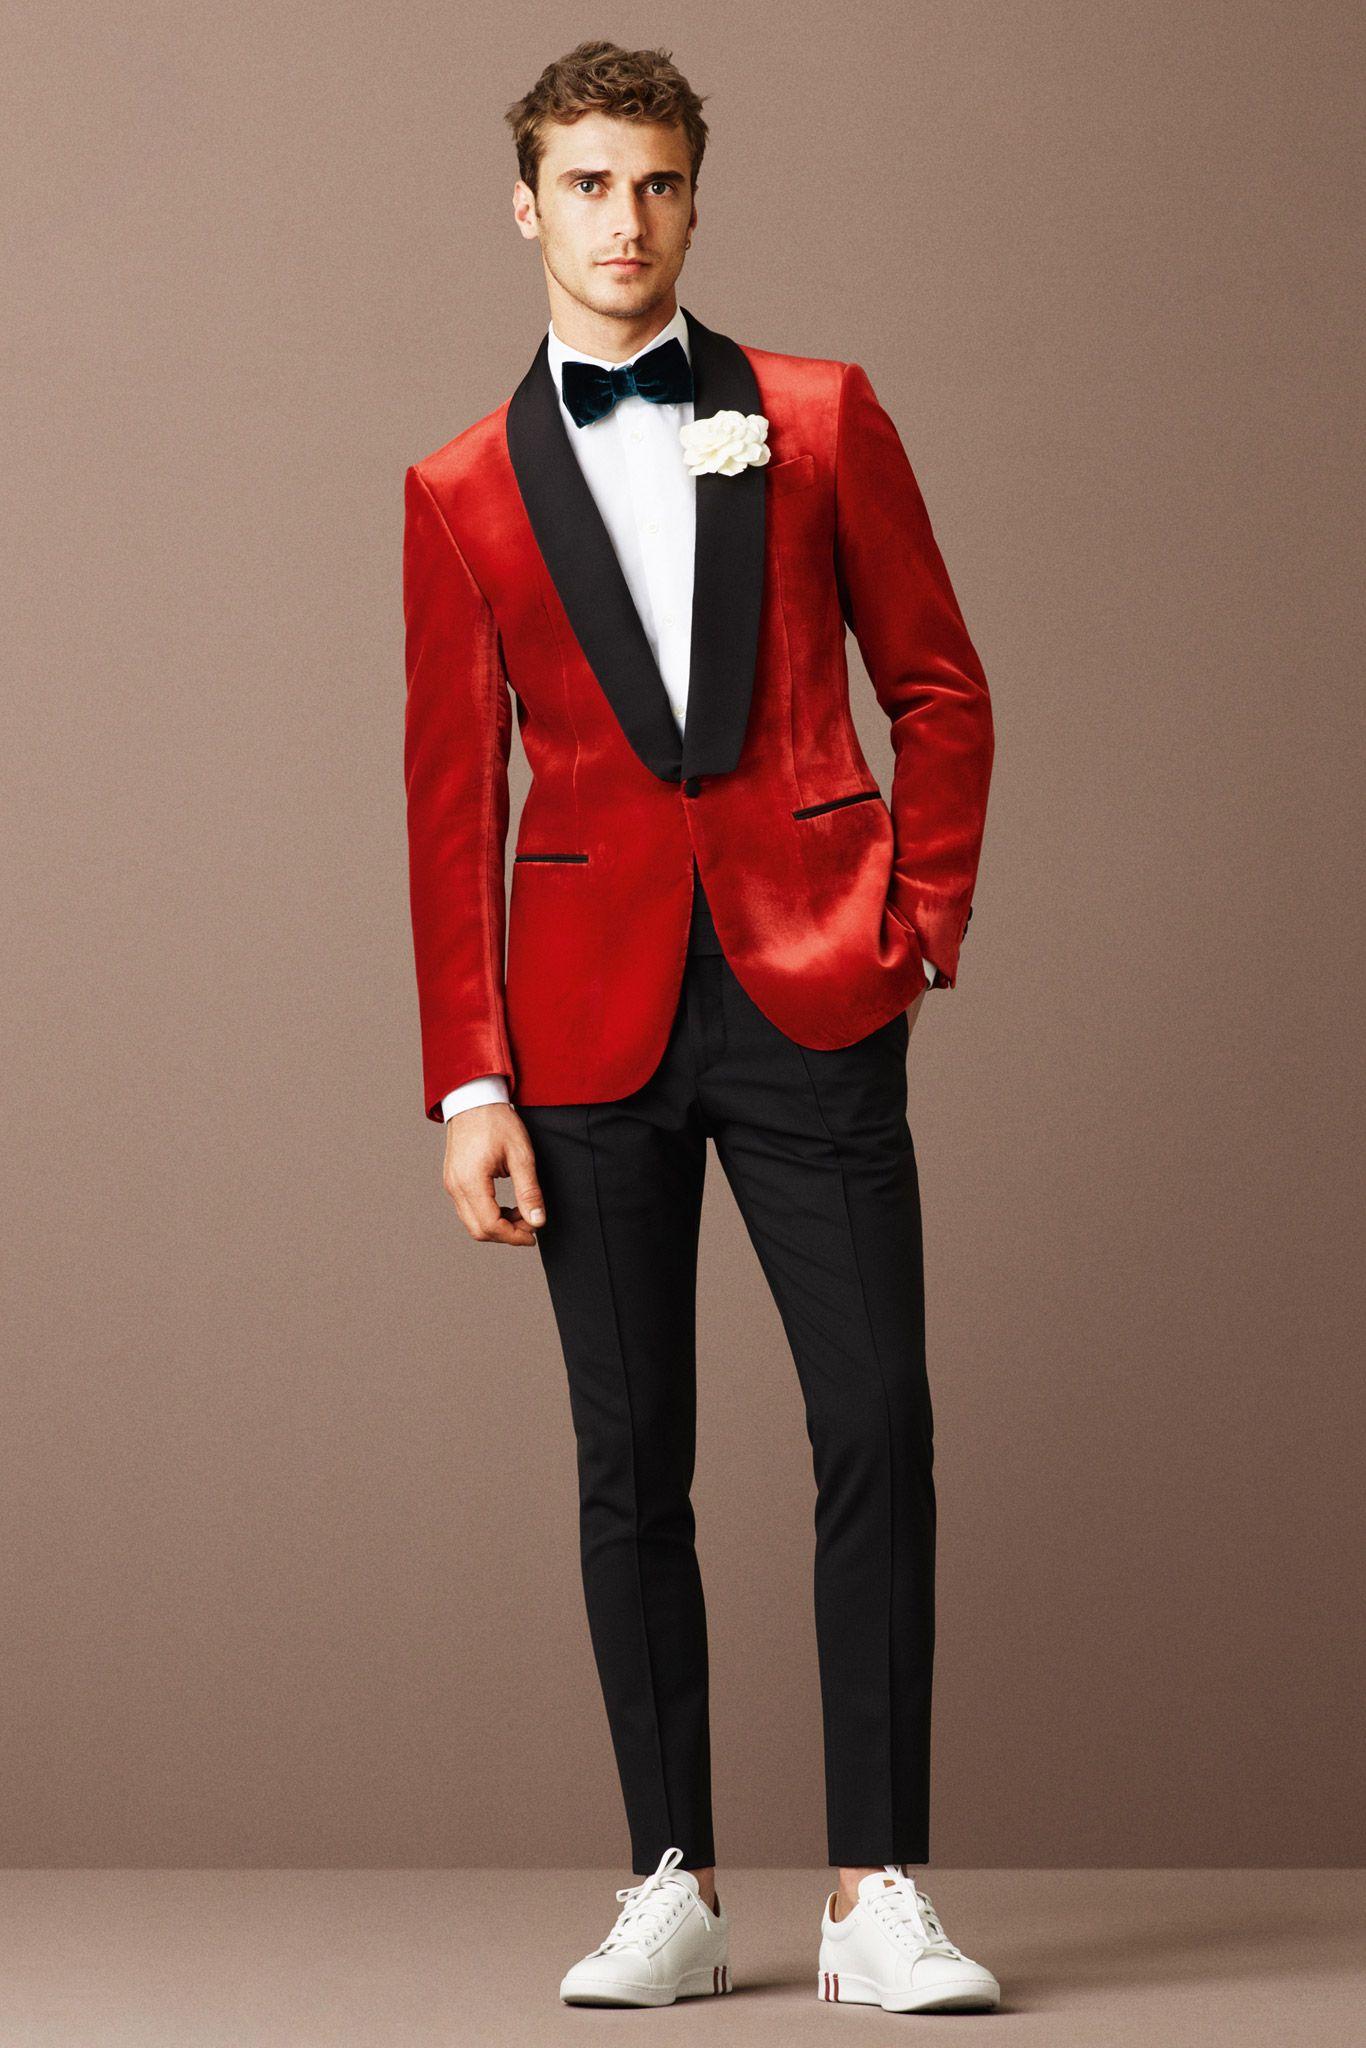 4a67df3a960f4 Um look jovem e divertido inclui mais cores e até um tênis. E brilharia  muito em um red carpet. Esse smoking vermelho é da Bally (Spring 2016)